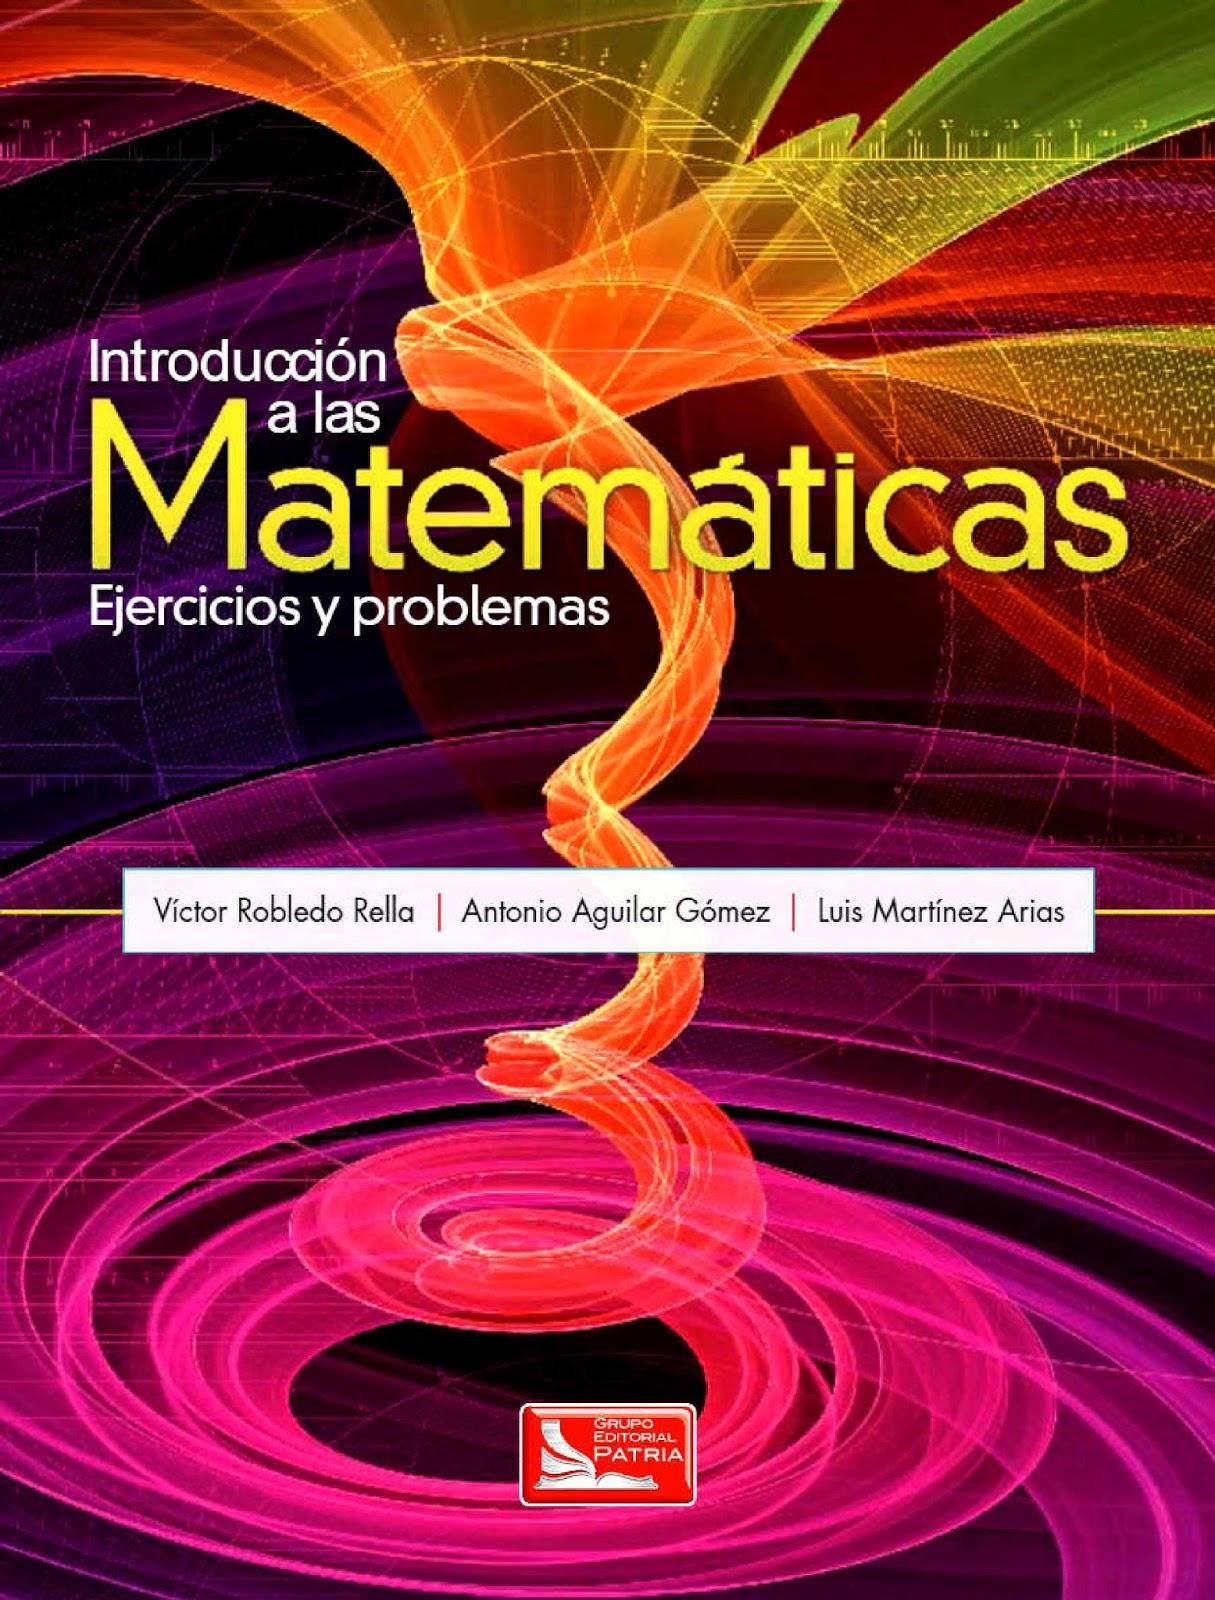 Introducción a las matemáticas: Ejercicios y problemas – Víctor Robledo Rella